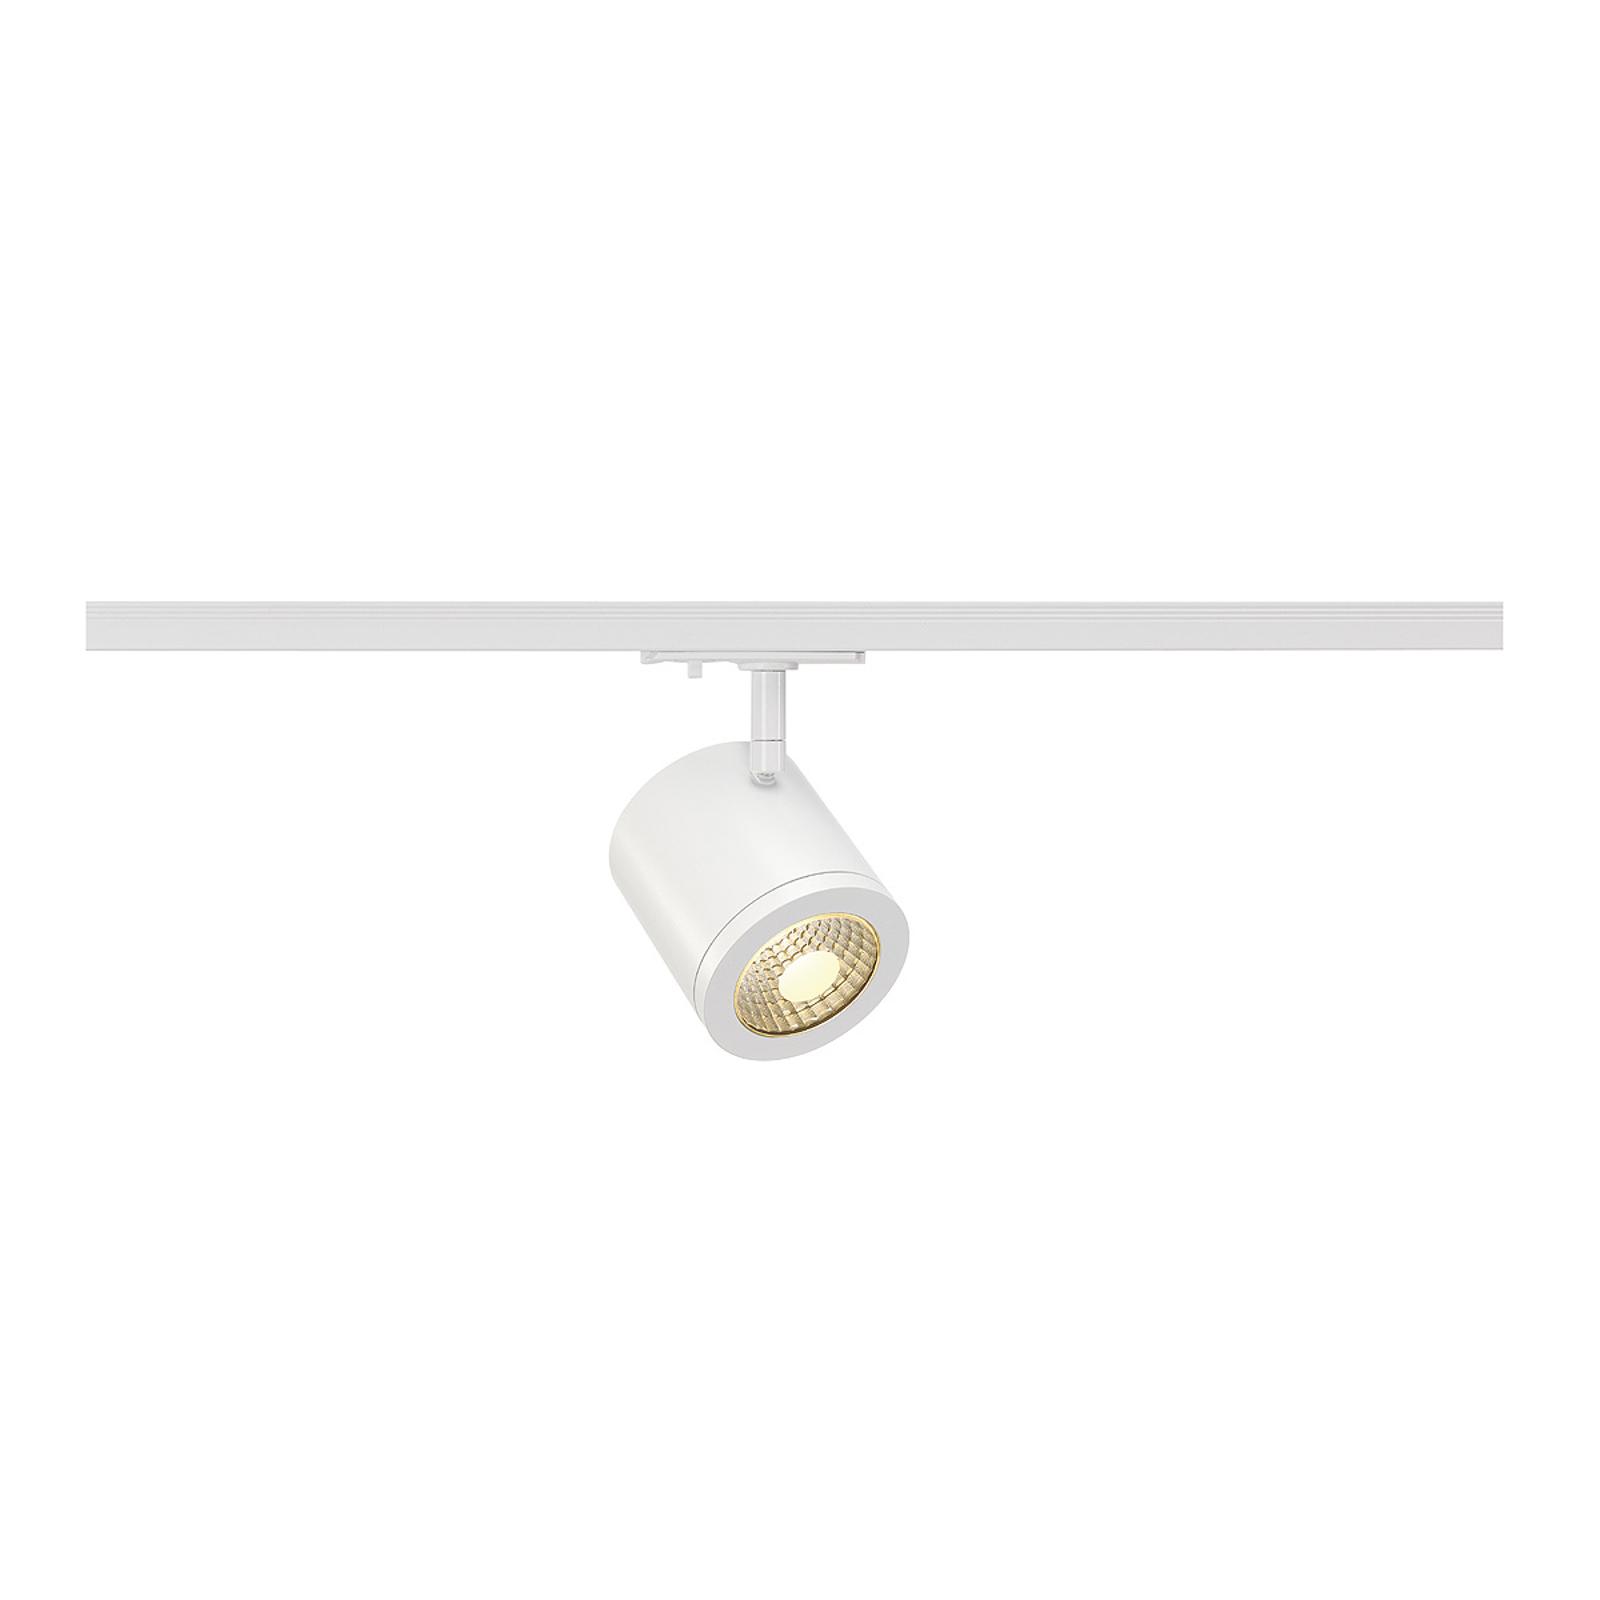 Faretto LED per sist. bin. 55° Enola, bianco